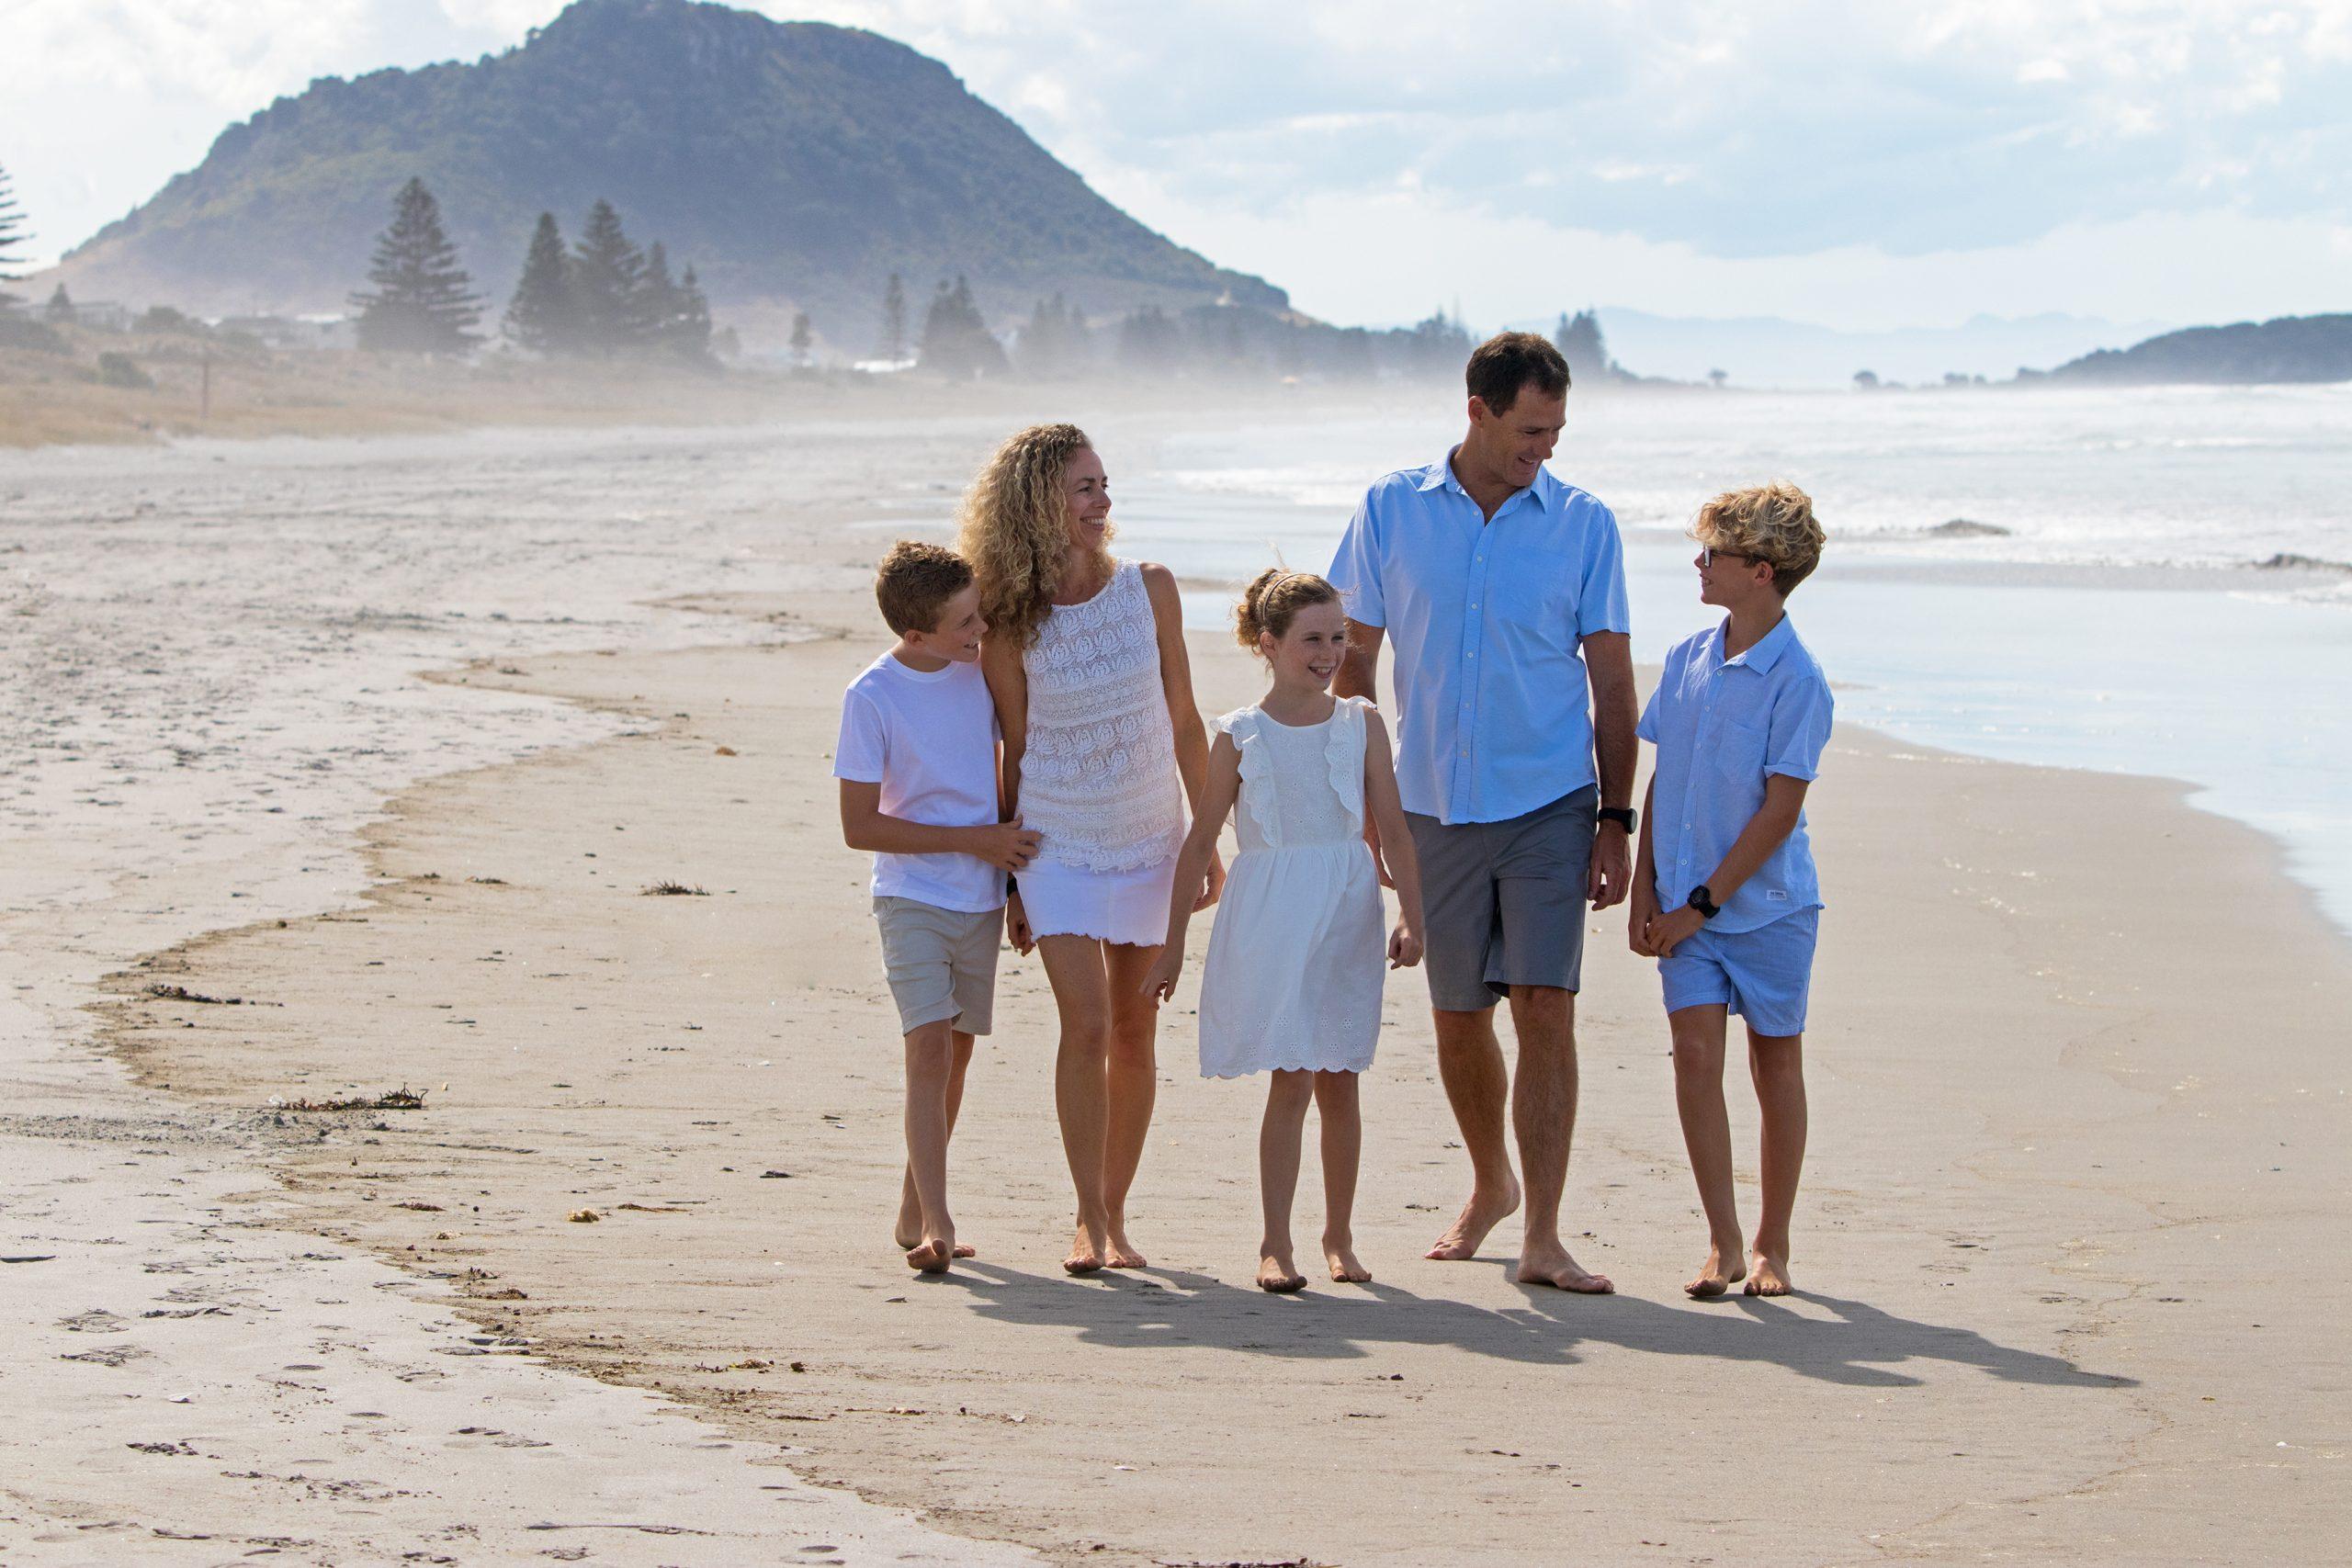 Laery Family Beach Photo